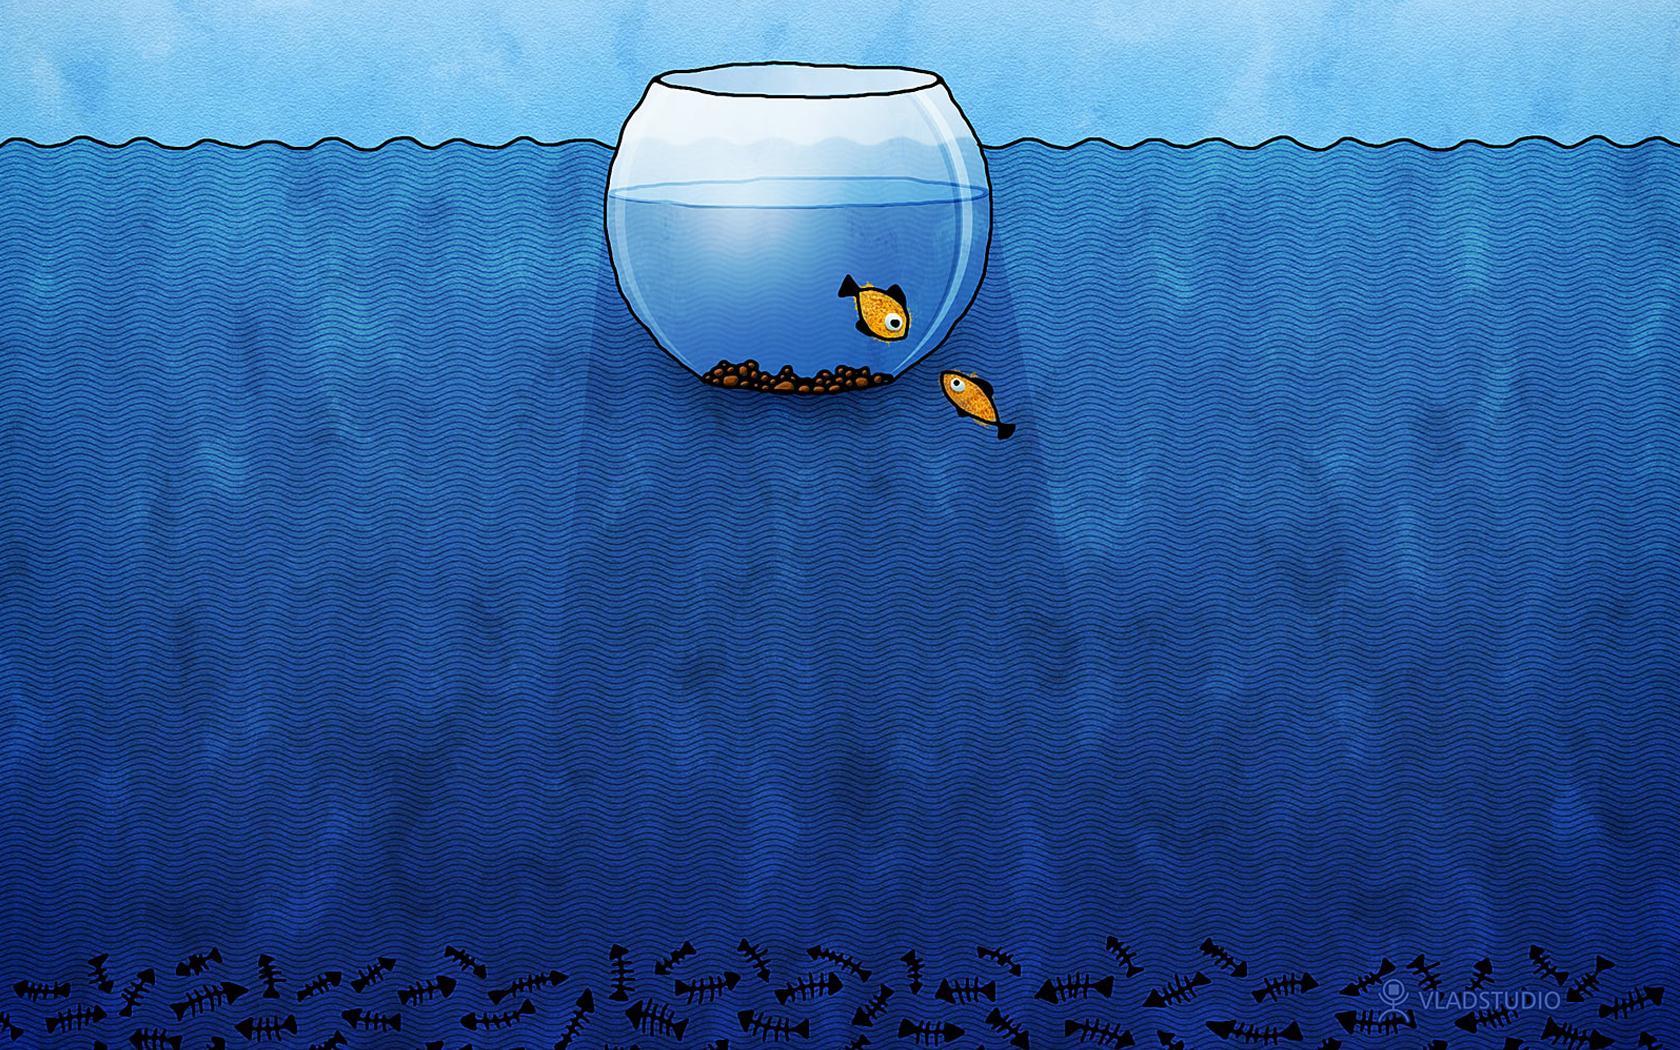 Un acuario en digital - 1680x1050